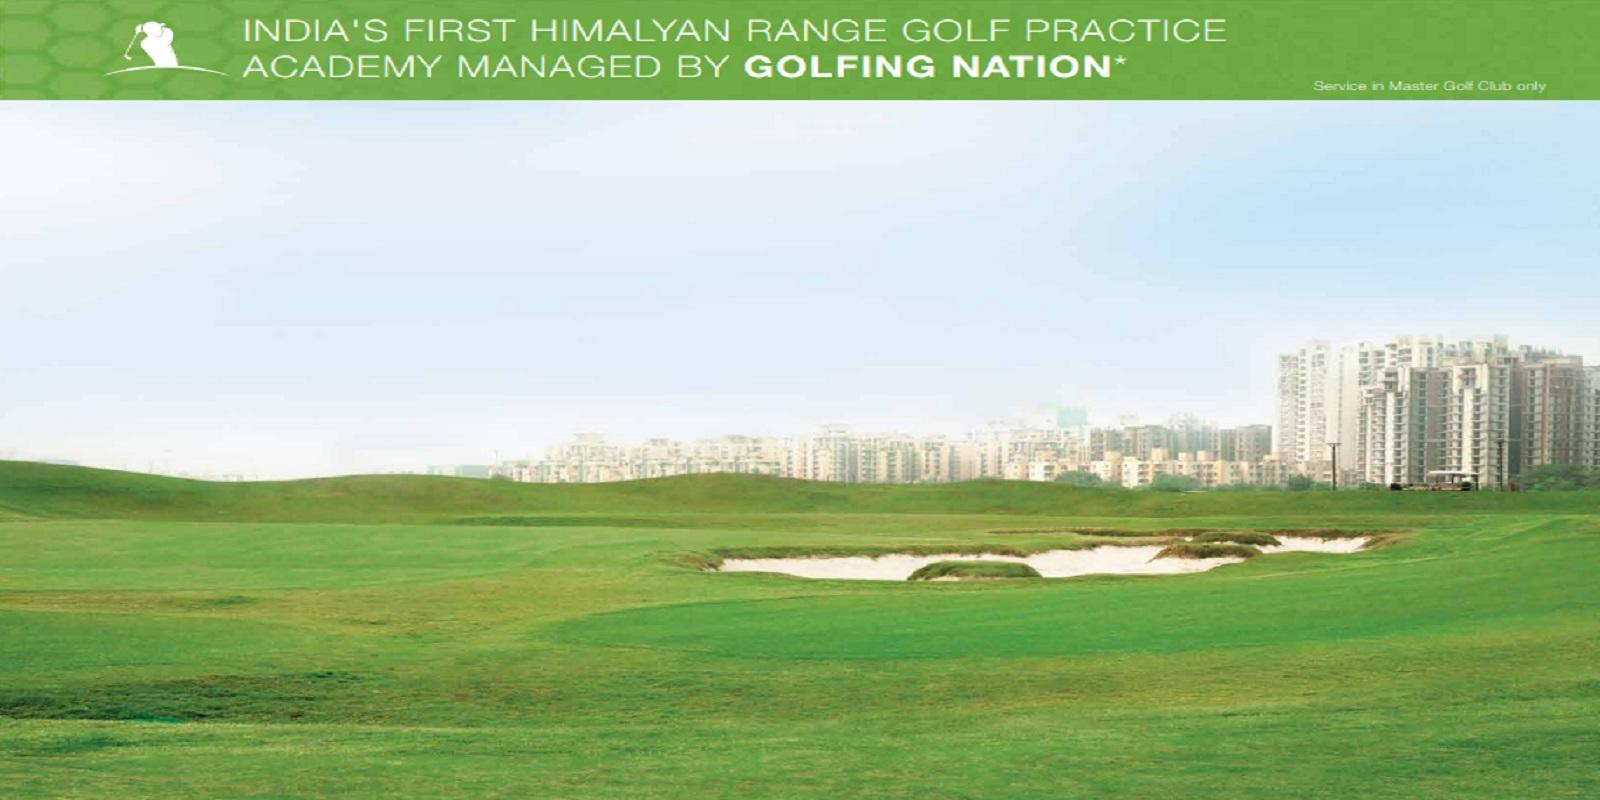 godrej golf link villas sports facilities image9